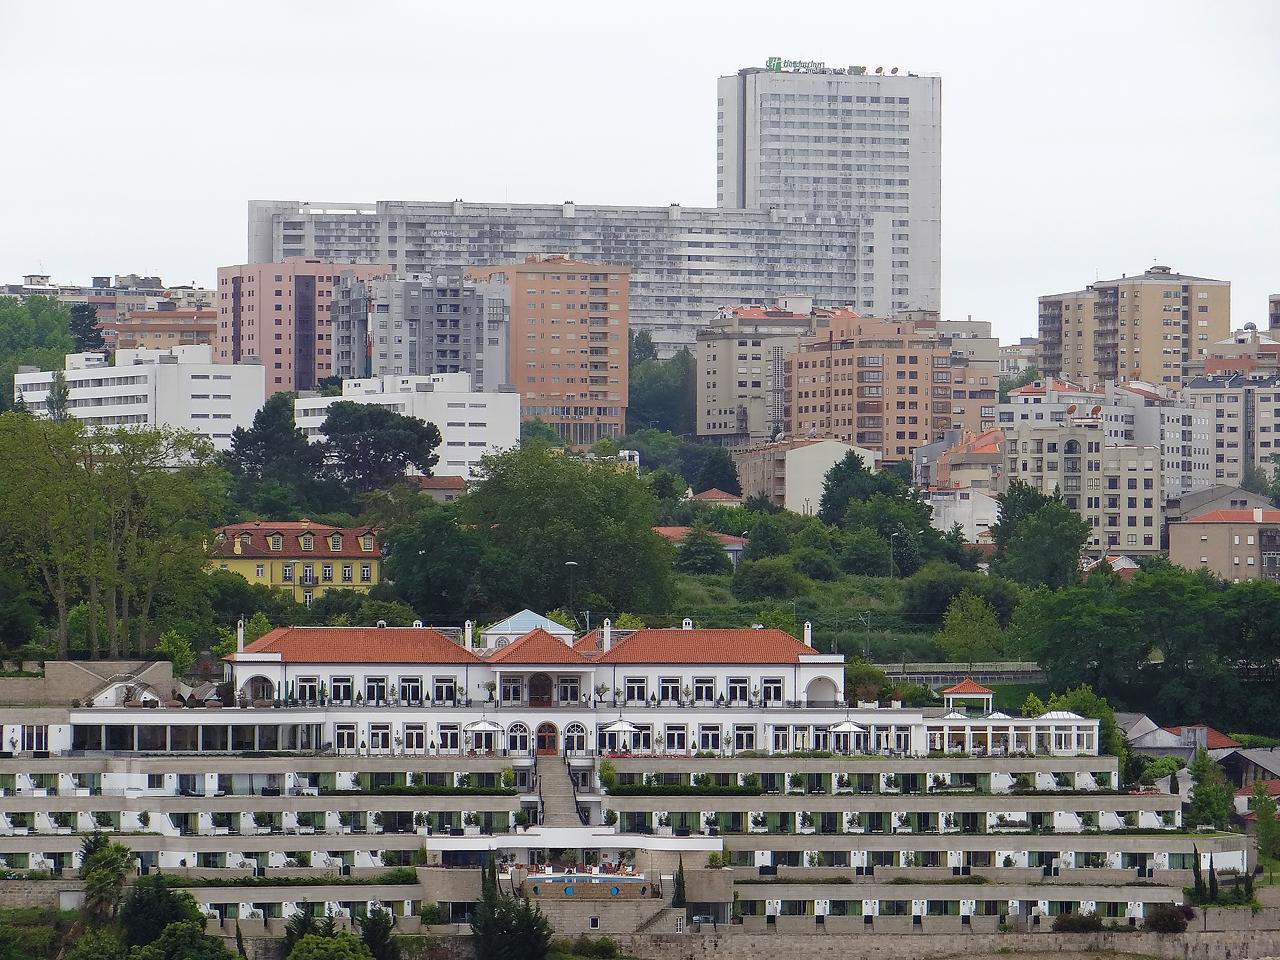 La tour d'habitation proche de l'Holiday Inn Porto Gaia, 22 étages, environ 70 mètres